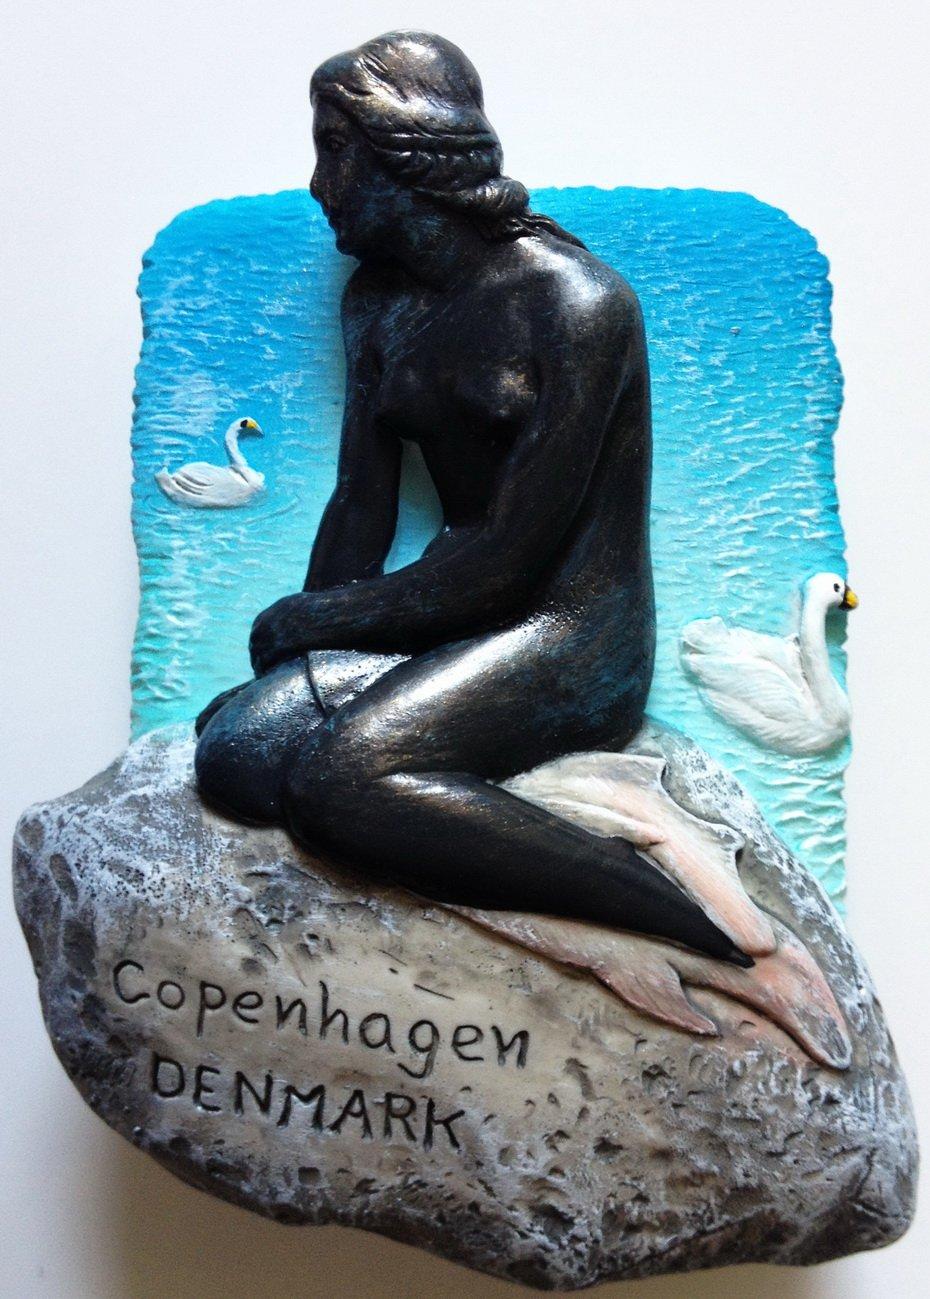 The Little Mermaid COPENHAGEN Denmark Resin 3D fridge Refrigerator Thai Magnet Hand Made Craft. by Thai MCnets